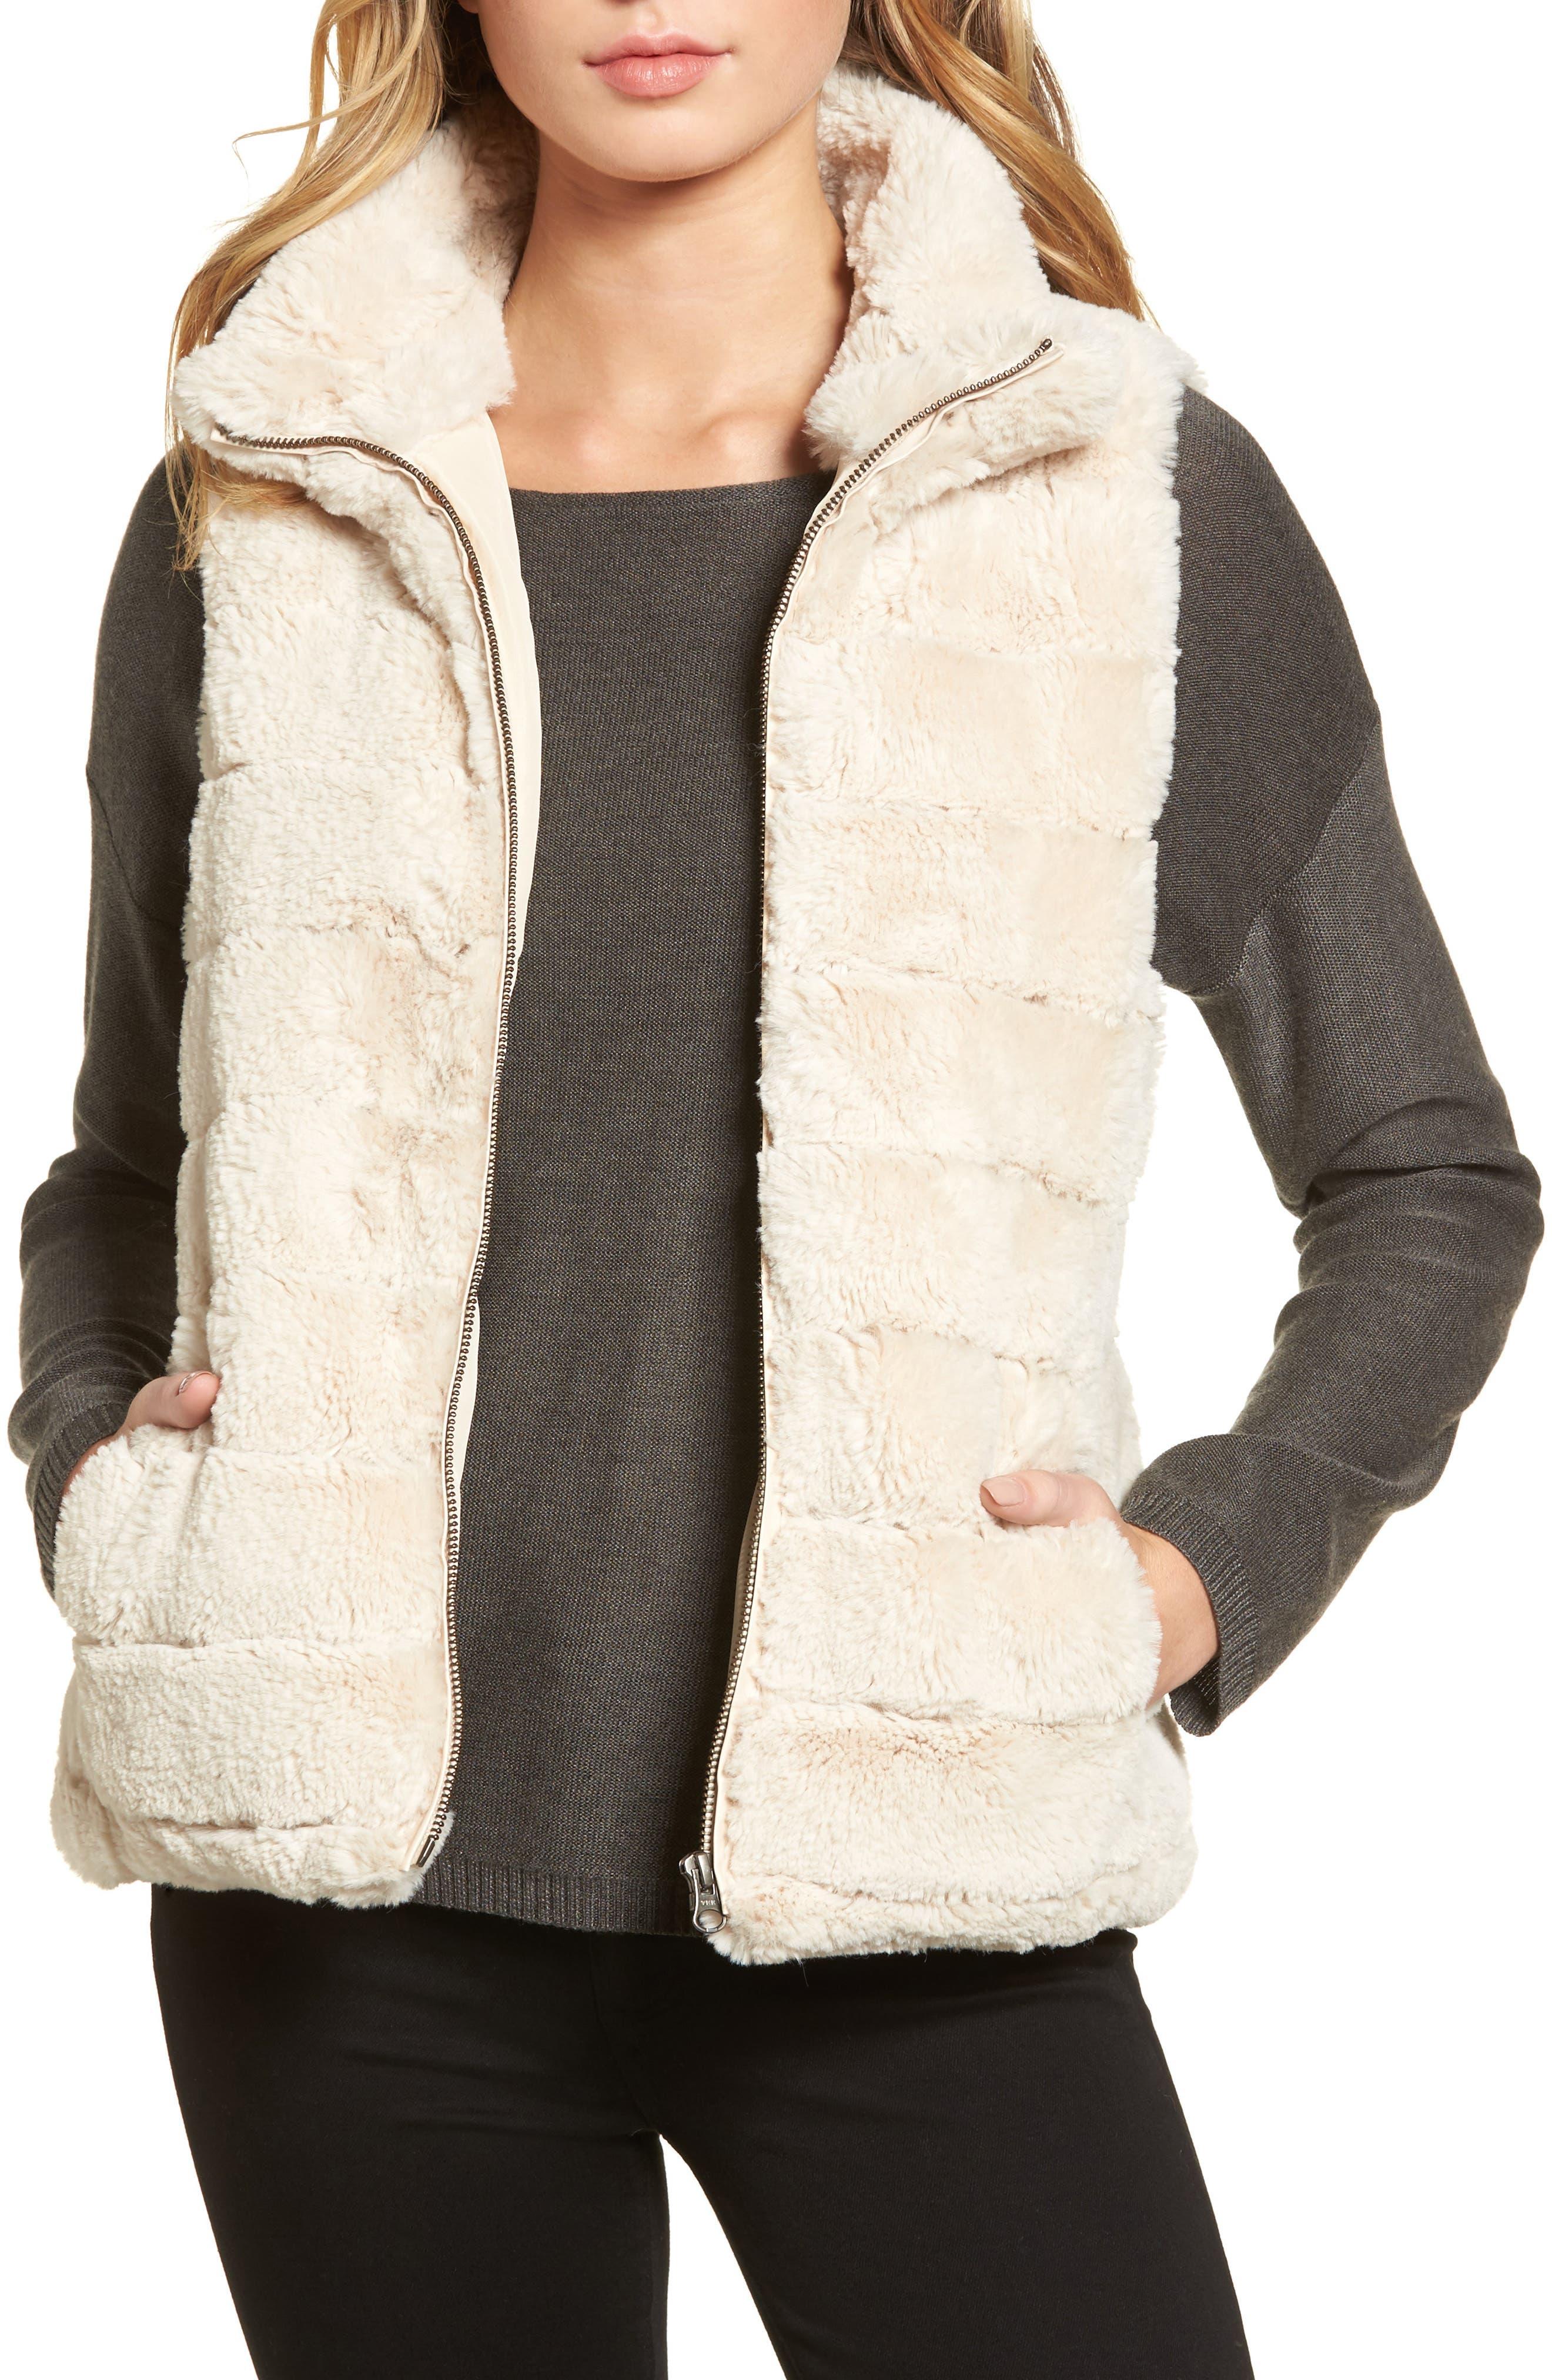 Dylan Love Faux Fur Vest